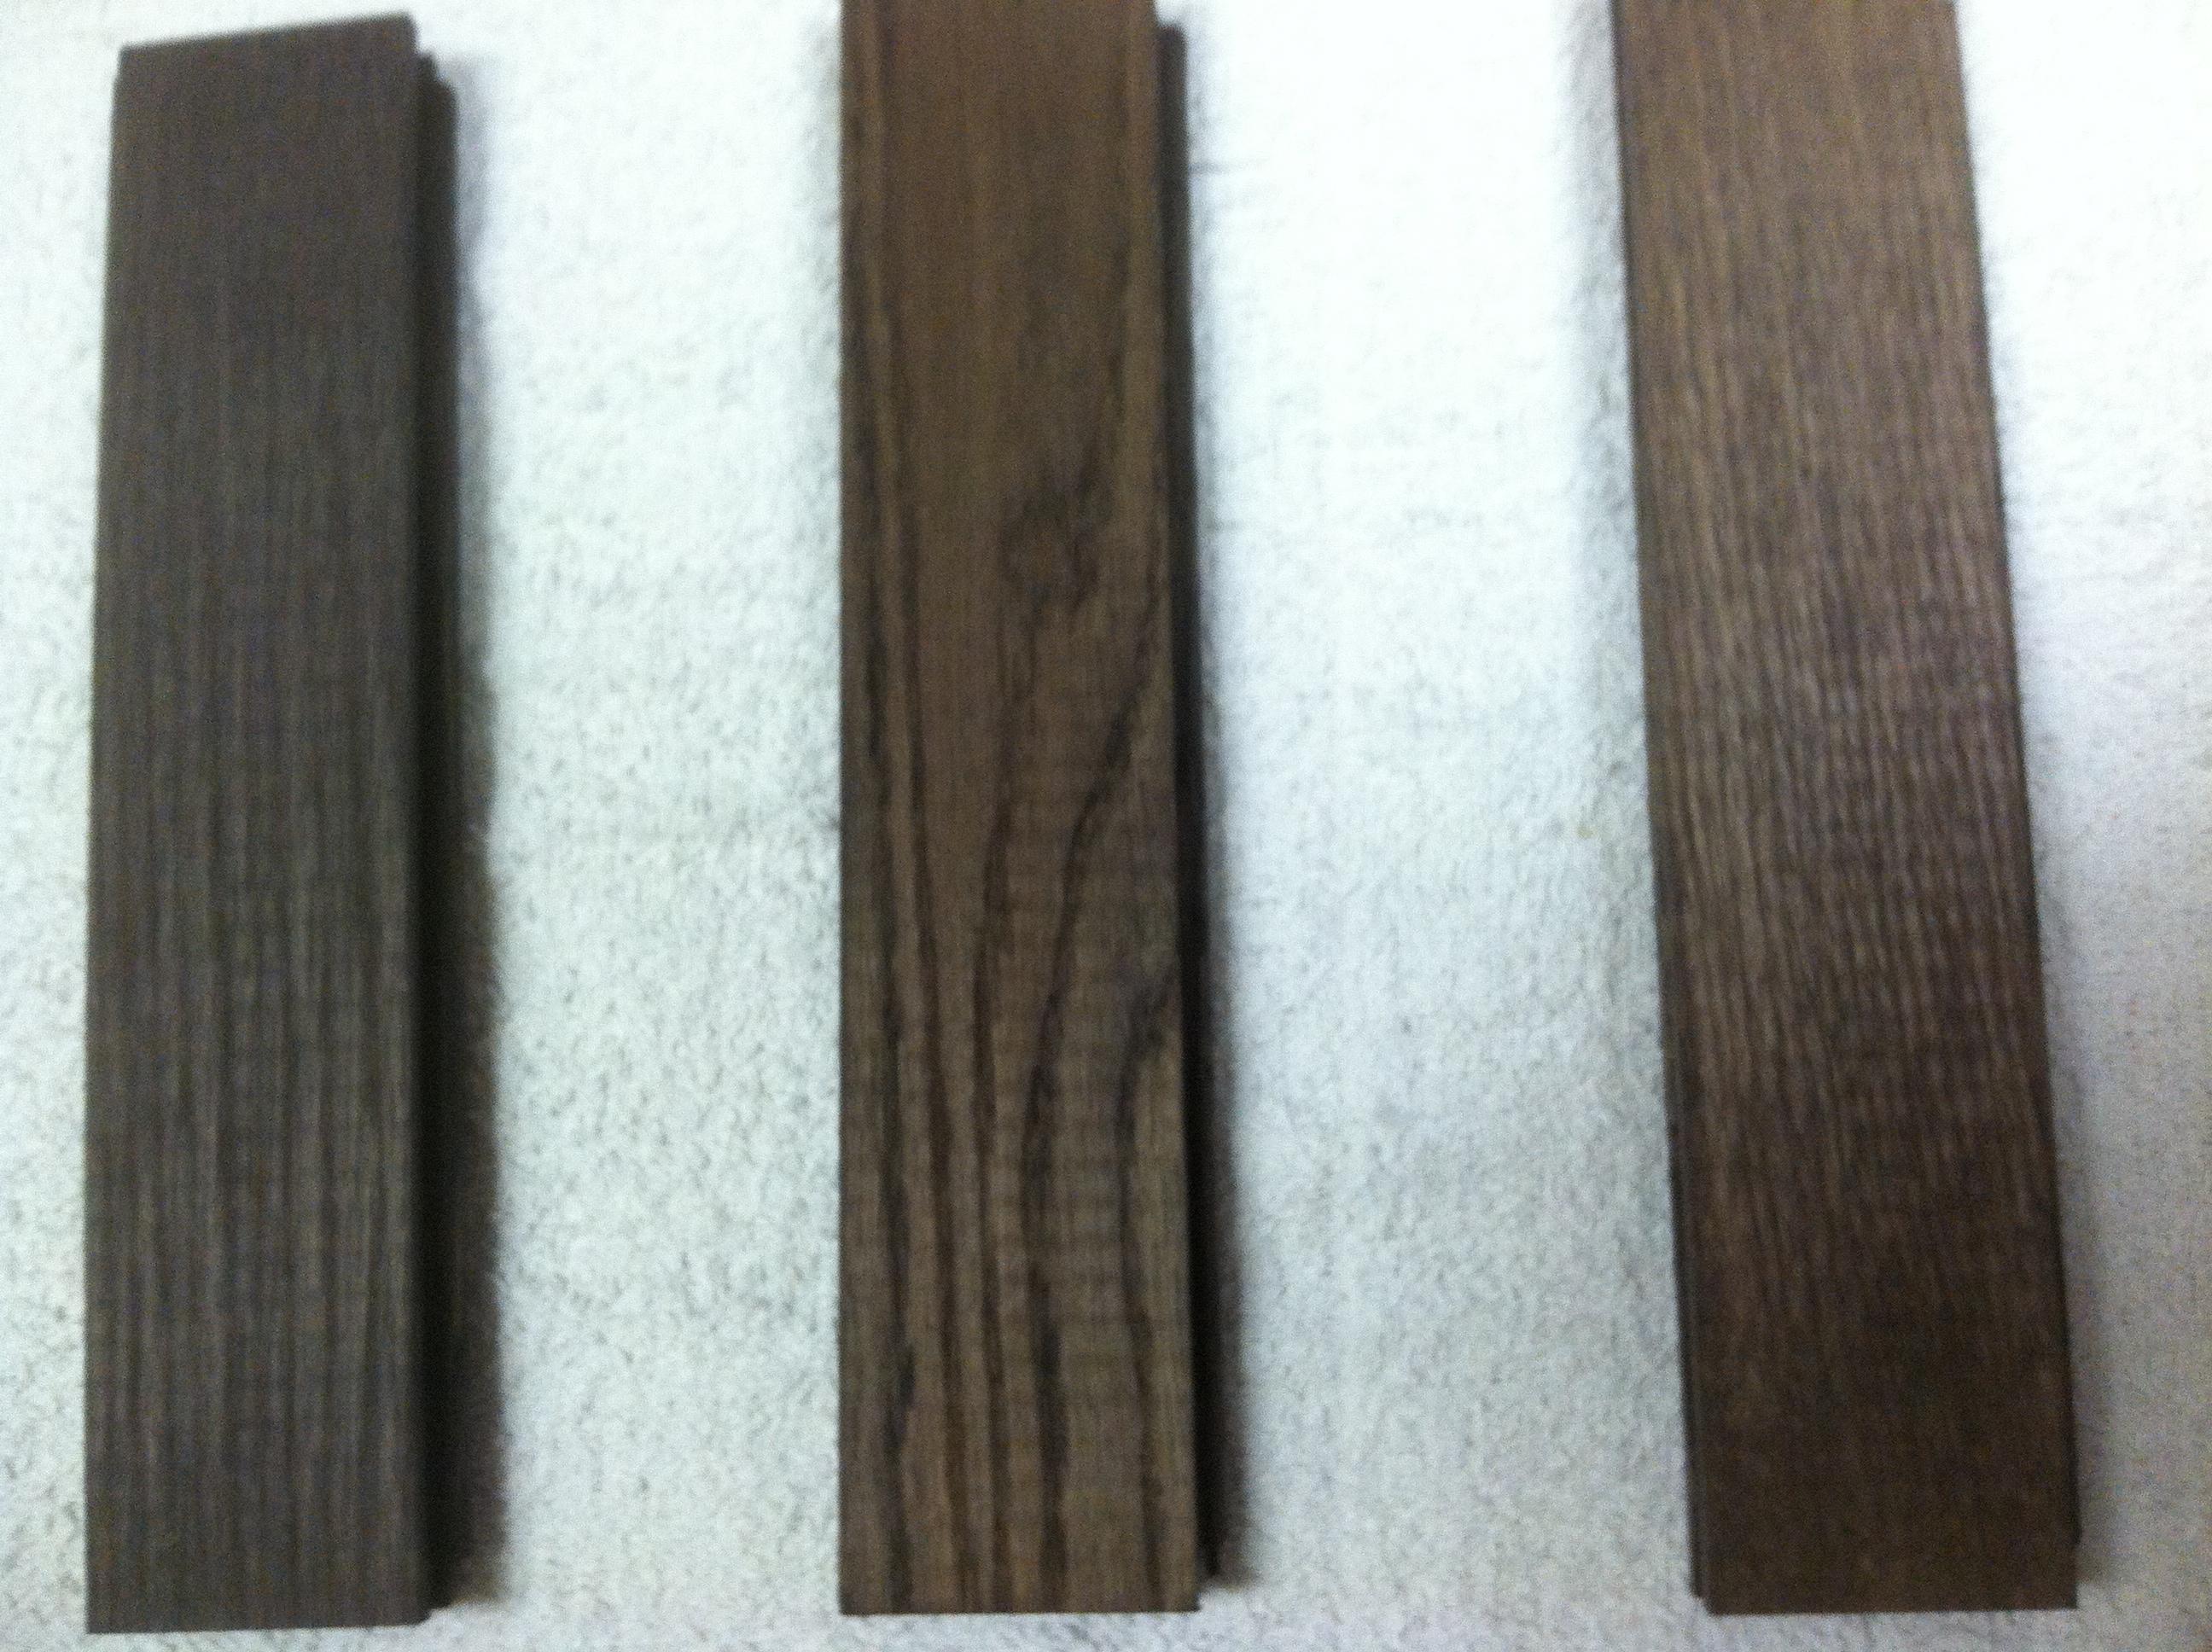 Dark Stained Hardwood Floors Duffyfloors